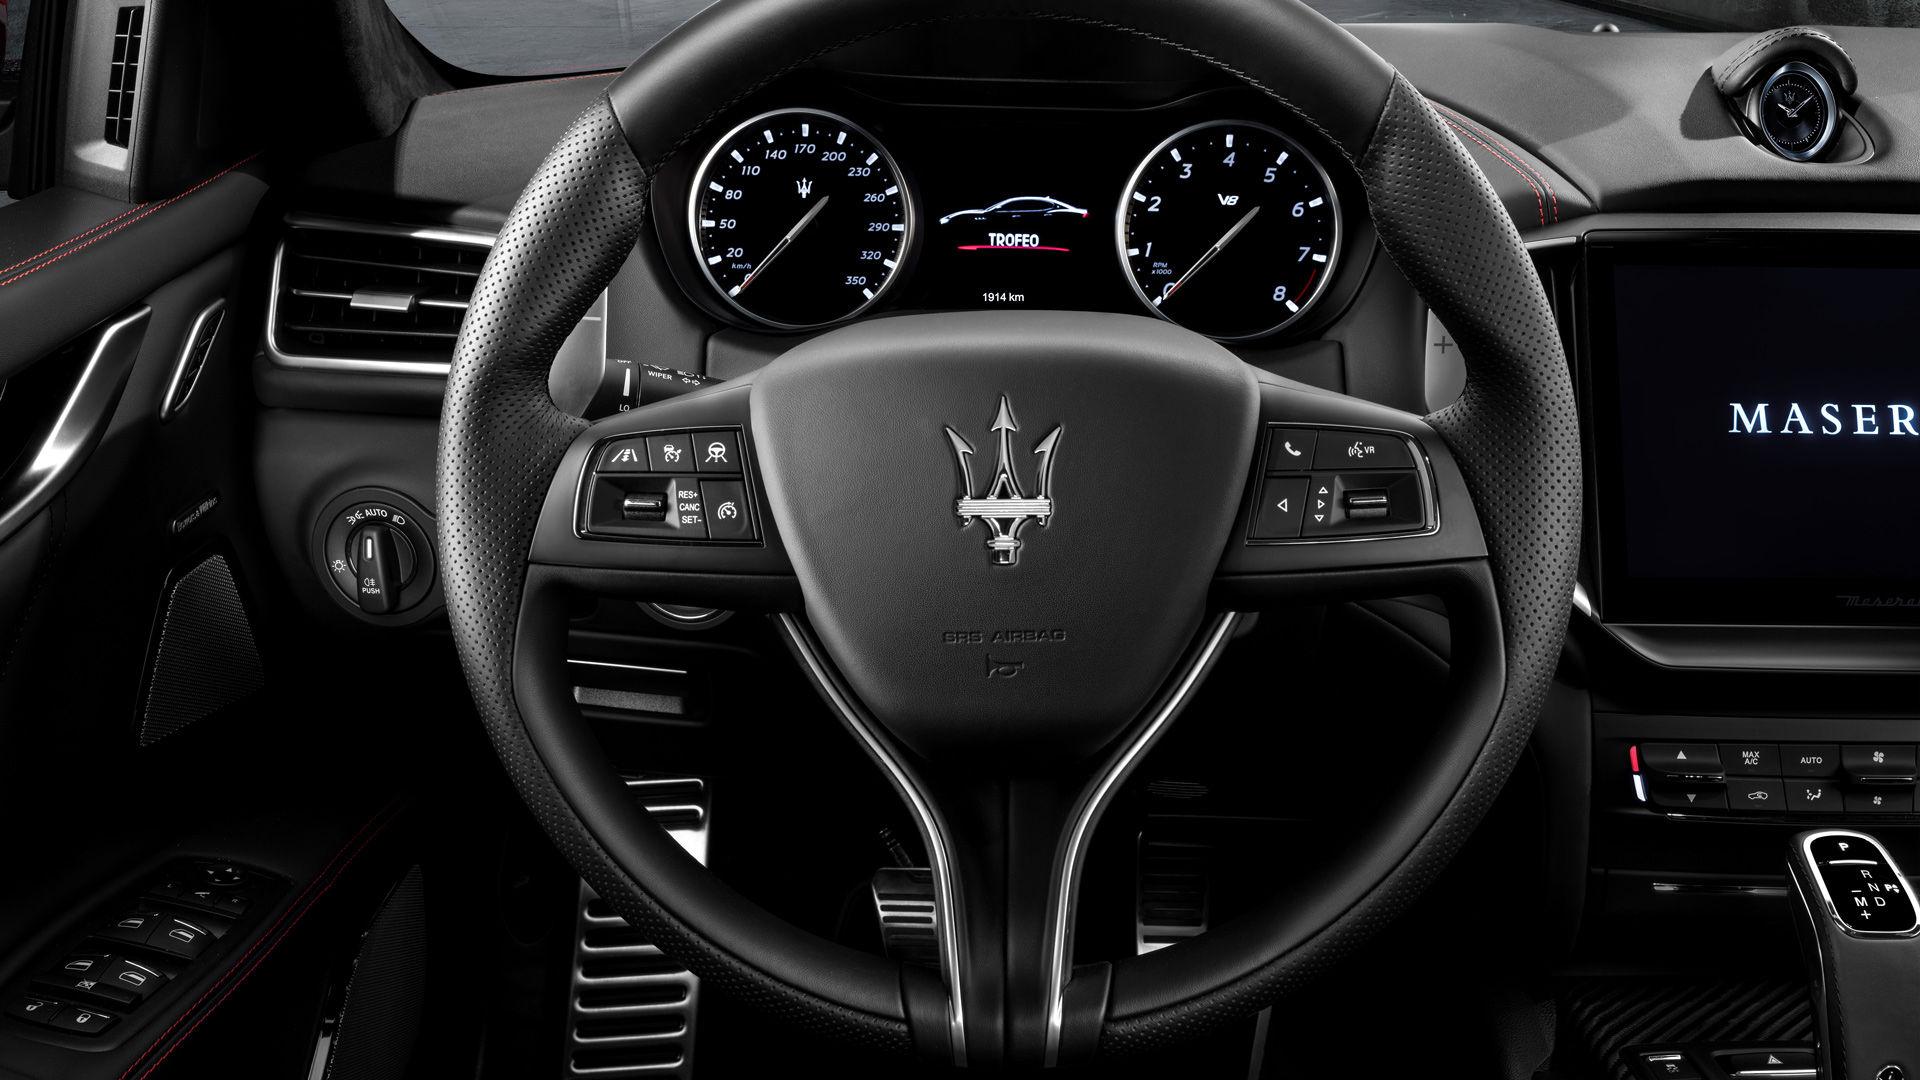 Maserati Ghibli Trofeo - Interieur - Lenkrad